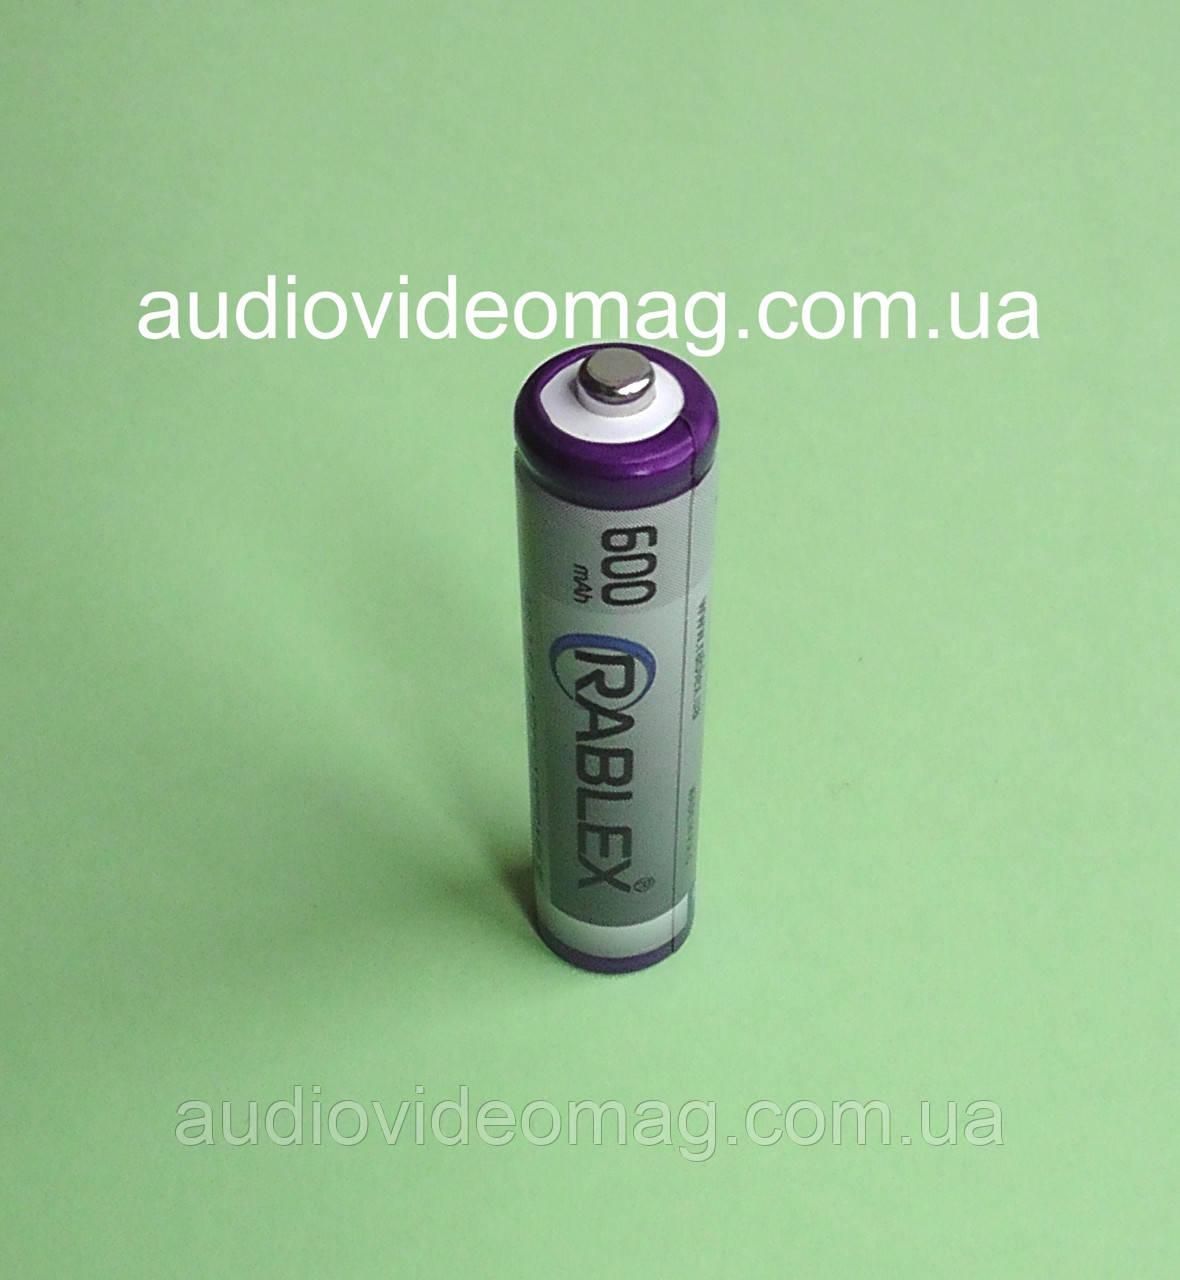 Аккумулятор RABLEX, микропальчиковый, 600 мАч R03 ААА (NiMH), цена за 1 шт